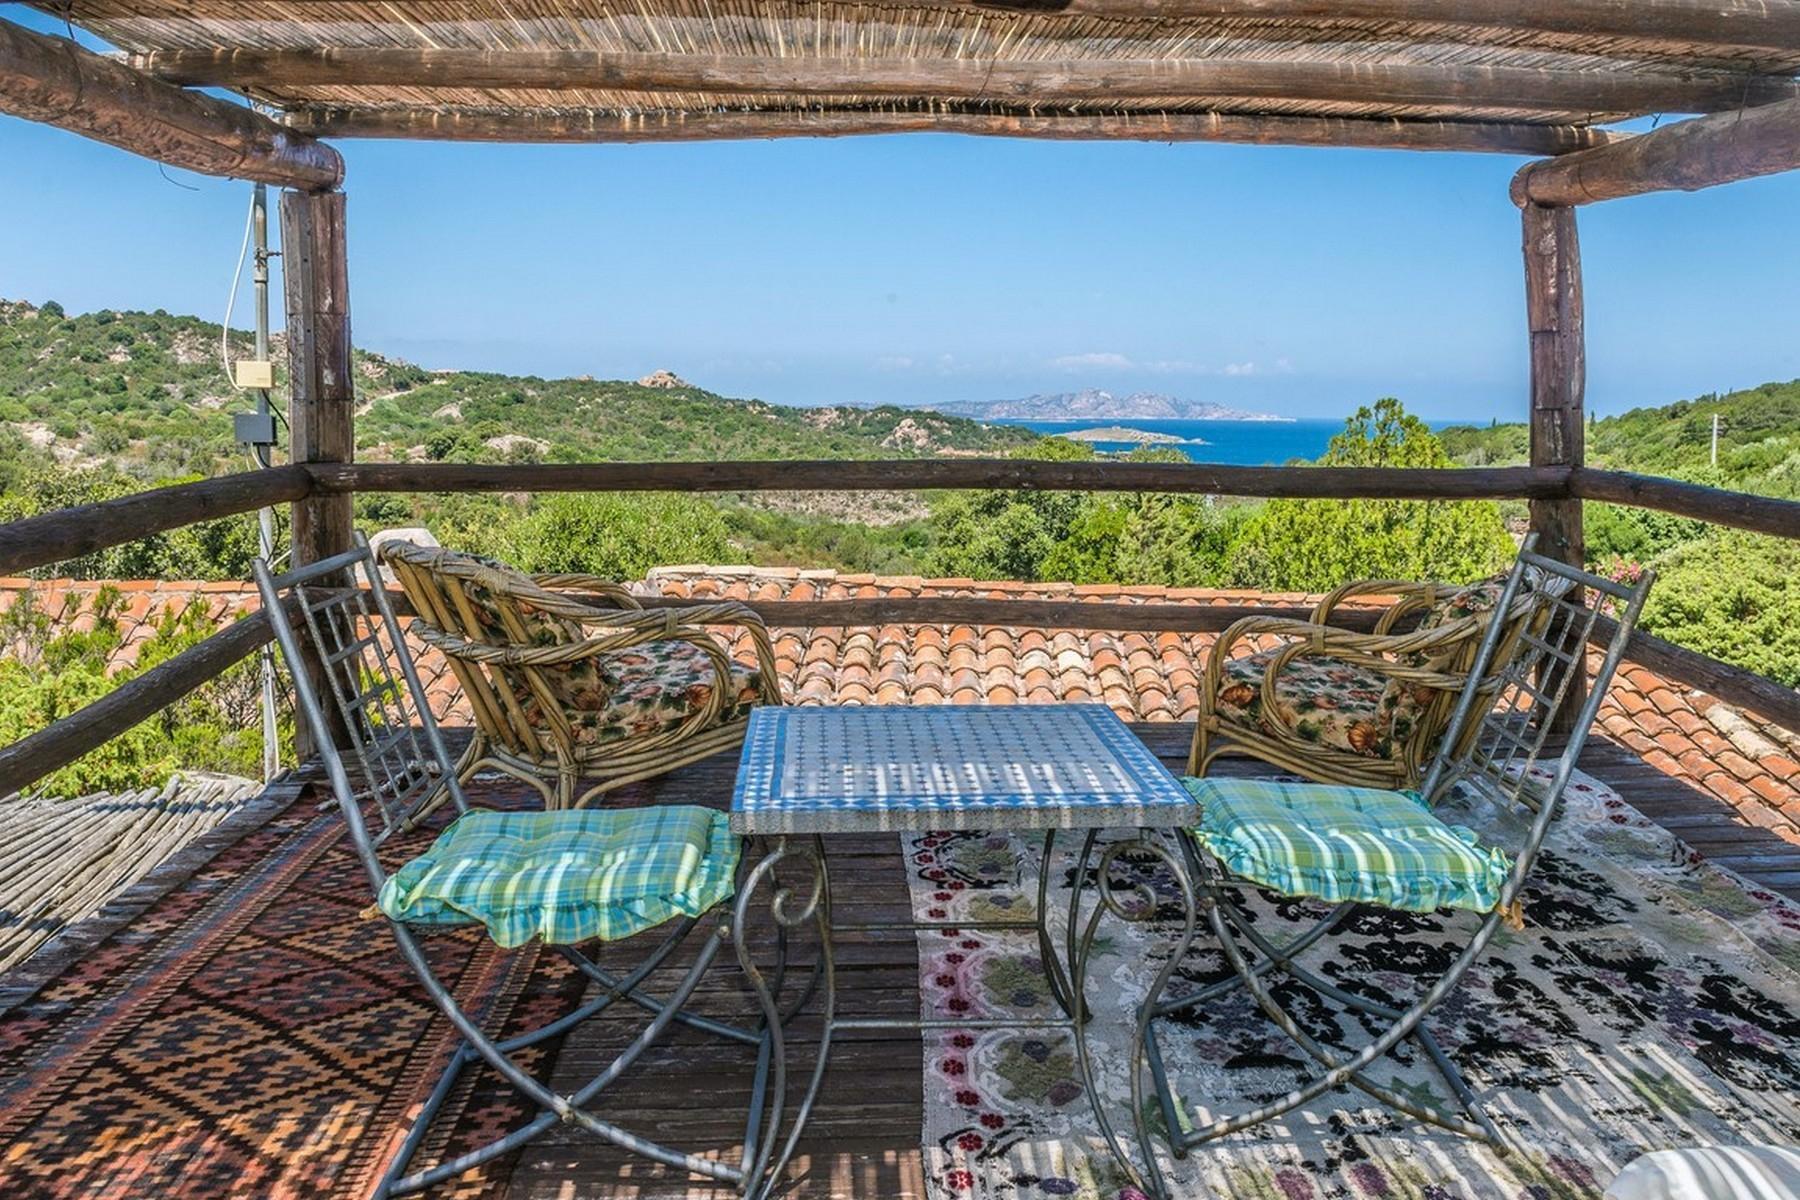 撒丁岛西北部Liscia di Vacca地区优美的别墅 - 31